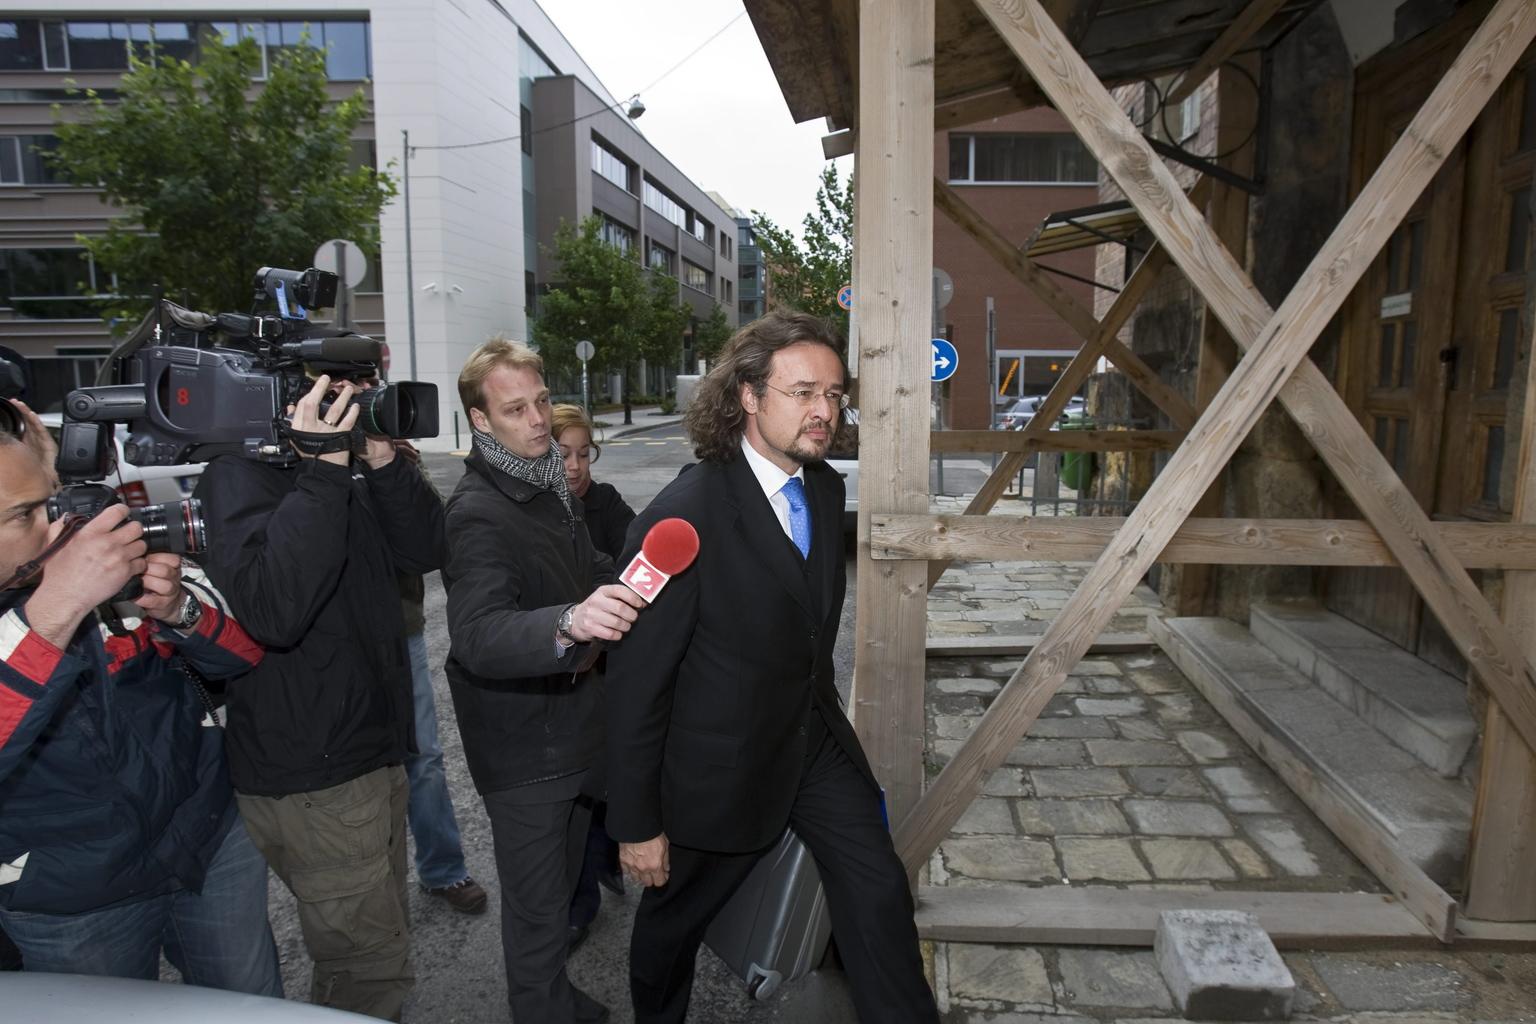 Budapest, 2010. május 17. Televíziós riporterek, operatőrök és fotóriporterek kísérik Lelovics Ottó kommunikációs szakembert (jobbról), amint távozik a Budai Központi Kerületi Bíróság (BKKB) épületéből. Előzetes letartóztatásba helyezte a BKV-ügyben meggyanúsított Hagyó Miklós volt szocialista országgyűlési képviselőt és főpolgármester-helyettest a BKKB. Hagyó volt szóvivőjét, Horváth Évát, illetve Lelovics Ottót ugyanakkor az ügyészség letartóztatási indítványától eltérően házi őrizetbe helyezte a bíróság. A Budapesti Rendőr-főkapitányság (BRFK) tájékoztatása szerint Hagyó Miklóst azzal gyanúsítják, hogy közvetlenül vagy közvetítőin - H. Éván, L. Ottón és H. Ivánon - keresztül utasításokat adott a BKV vagyongazdálkodási kötelezettséggel rendelkező egyes vezetőinek, hogy a közlekedési vállalat számára szükségtelen szerződéseket kössenek. MTI Fotó: Szigetváry Zsolt